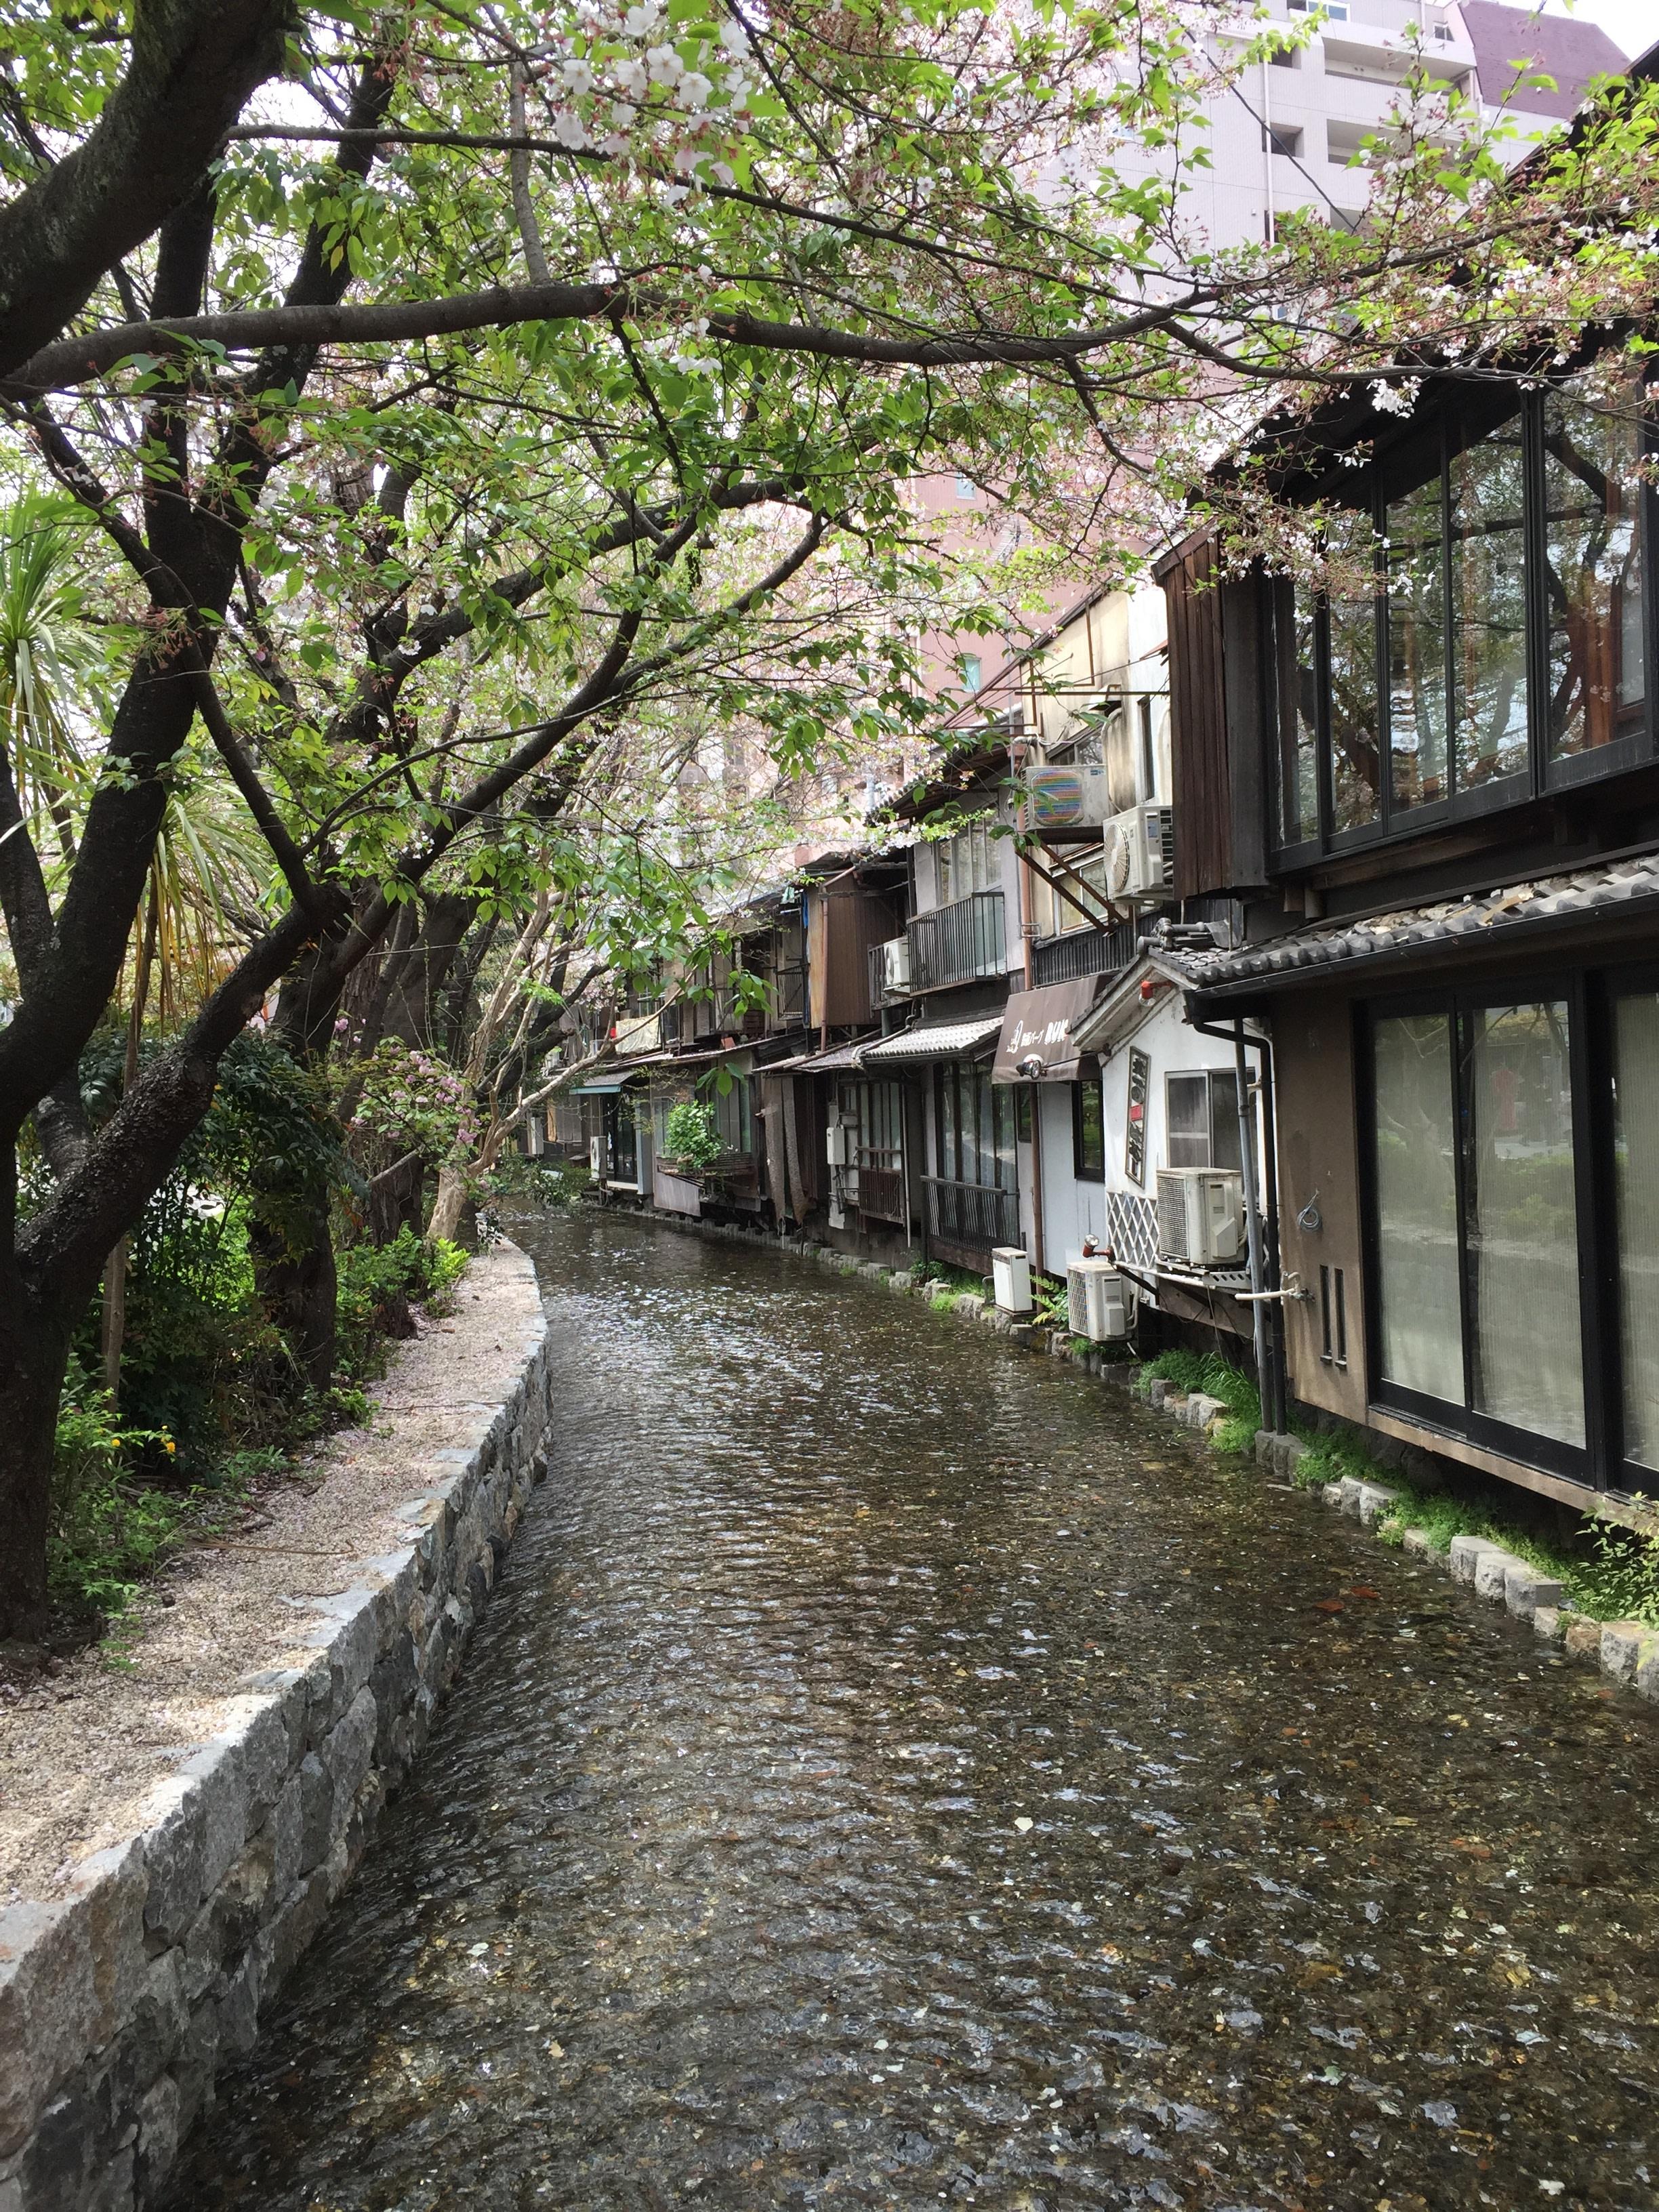 Takase River along Kiyamachi  Street